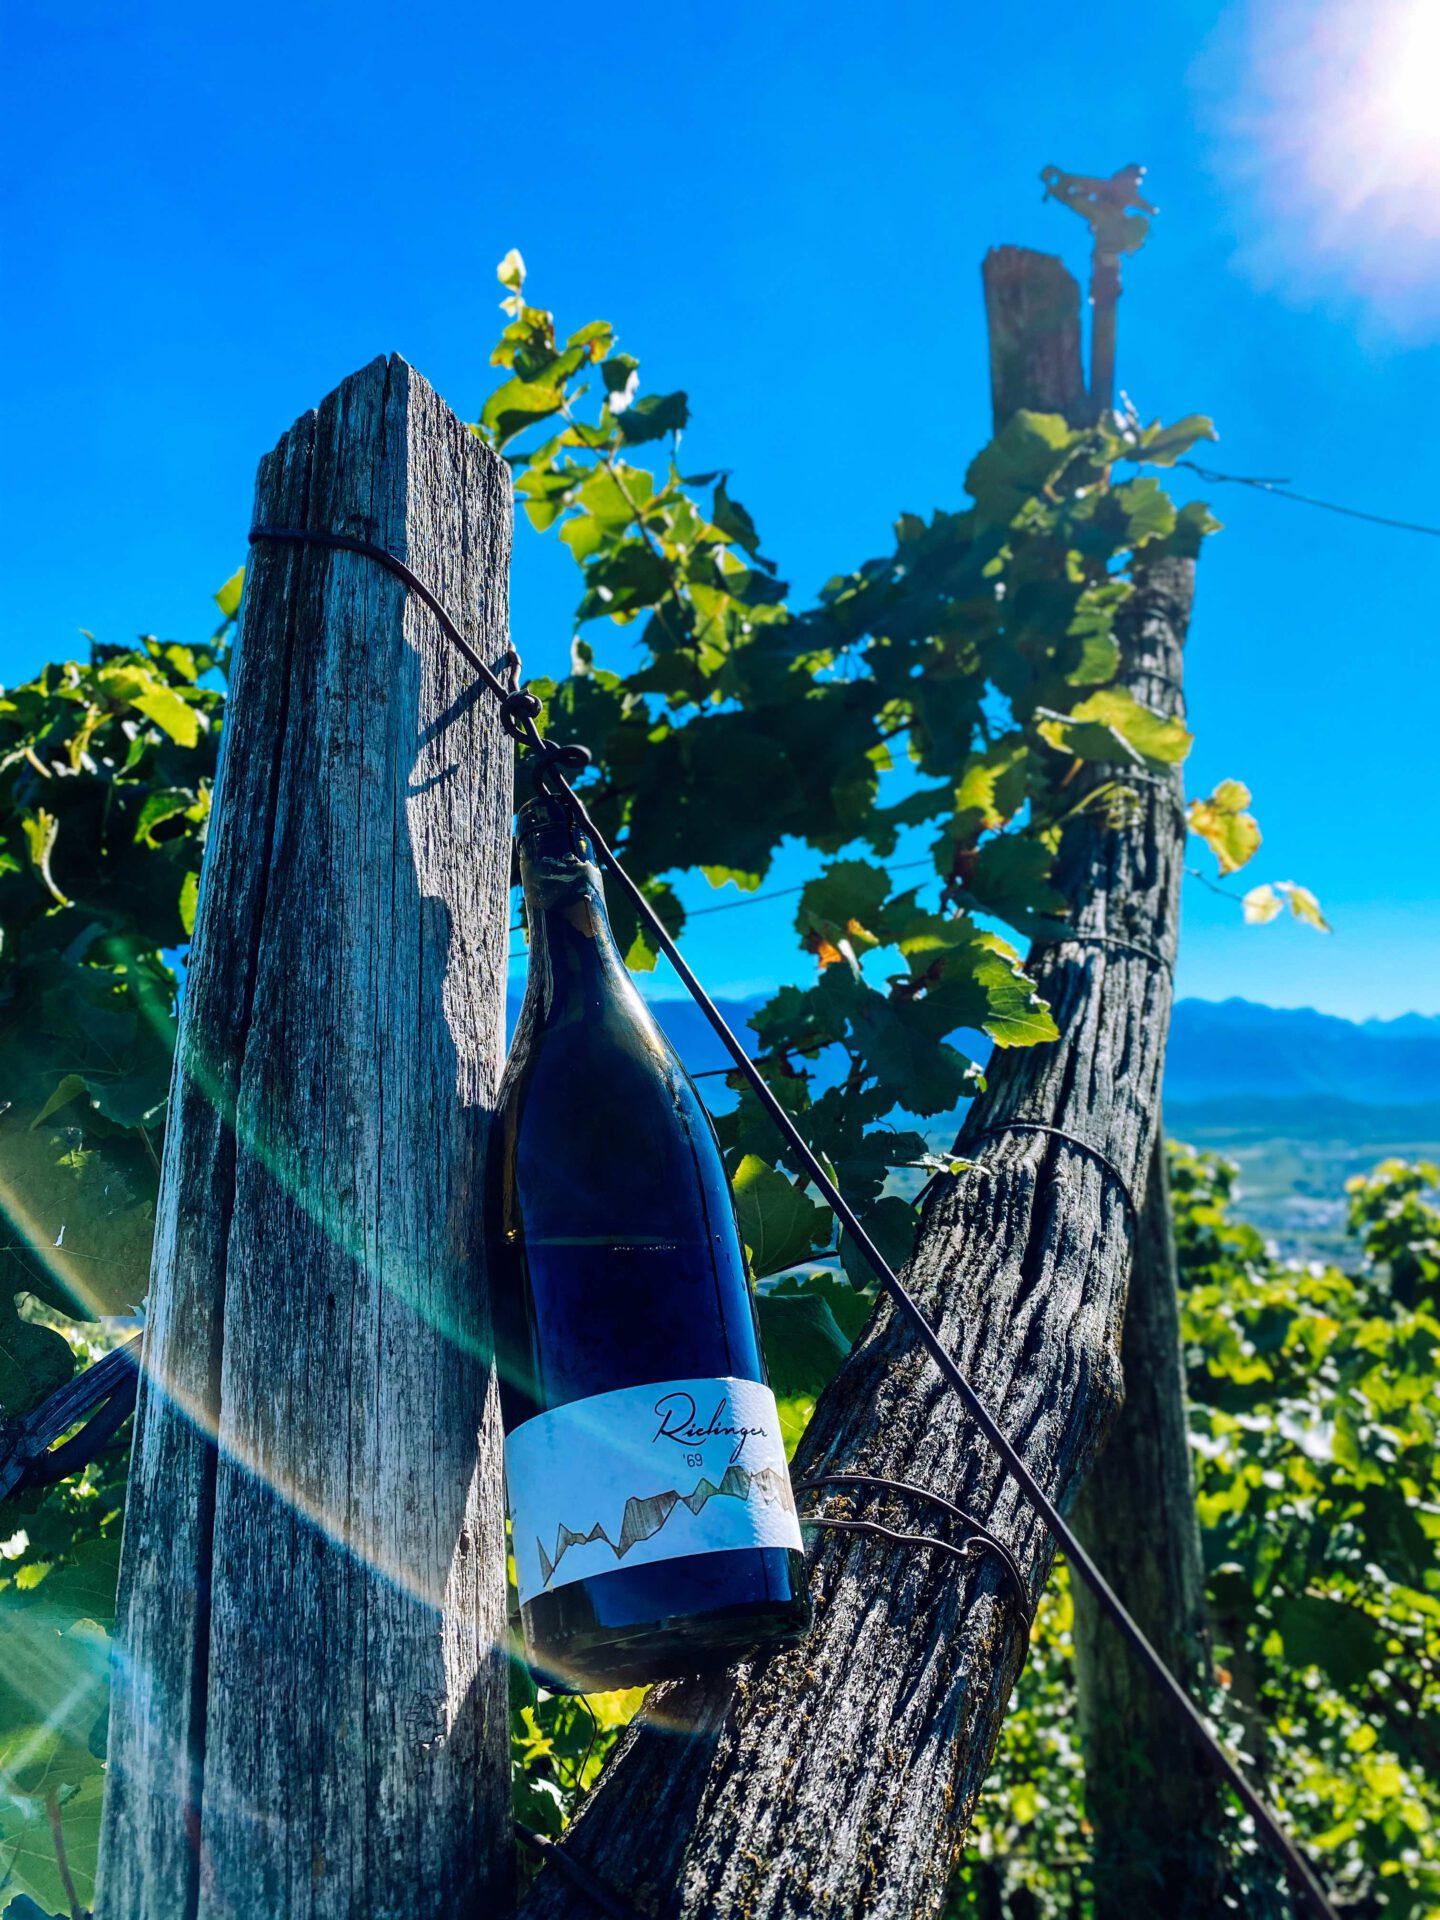 Vinum Hotel Ansitz Plantitscherhof Meran Südtirol Weinkaufsliste rielingerhof vernatsch